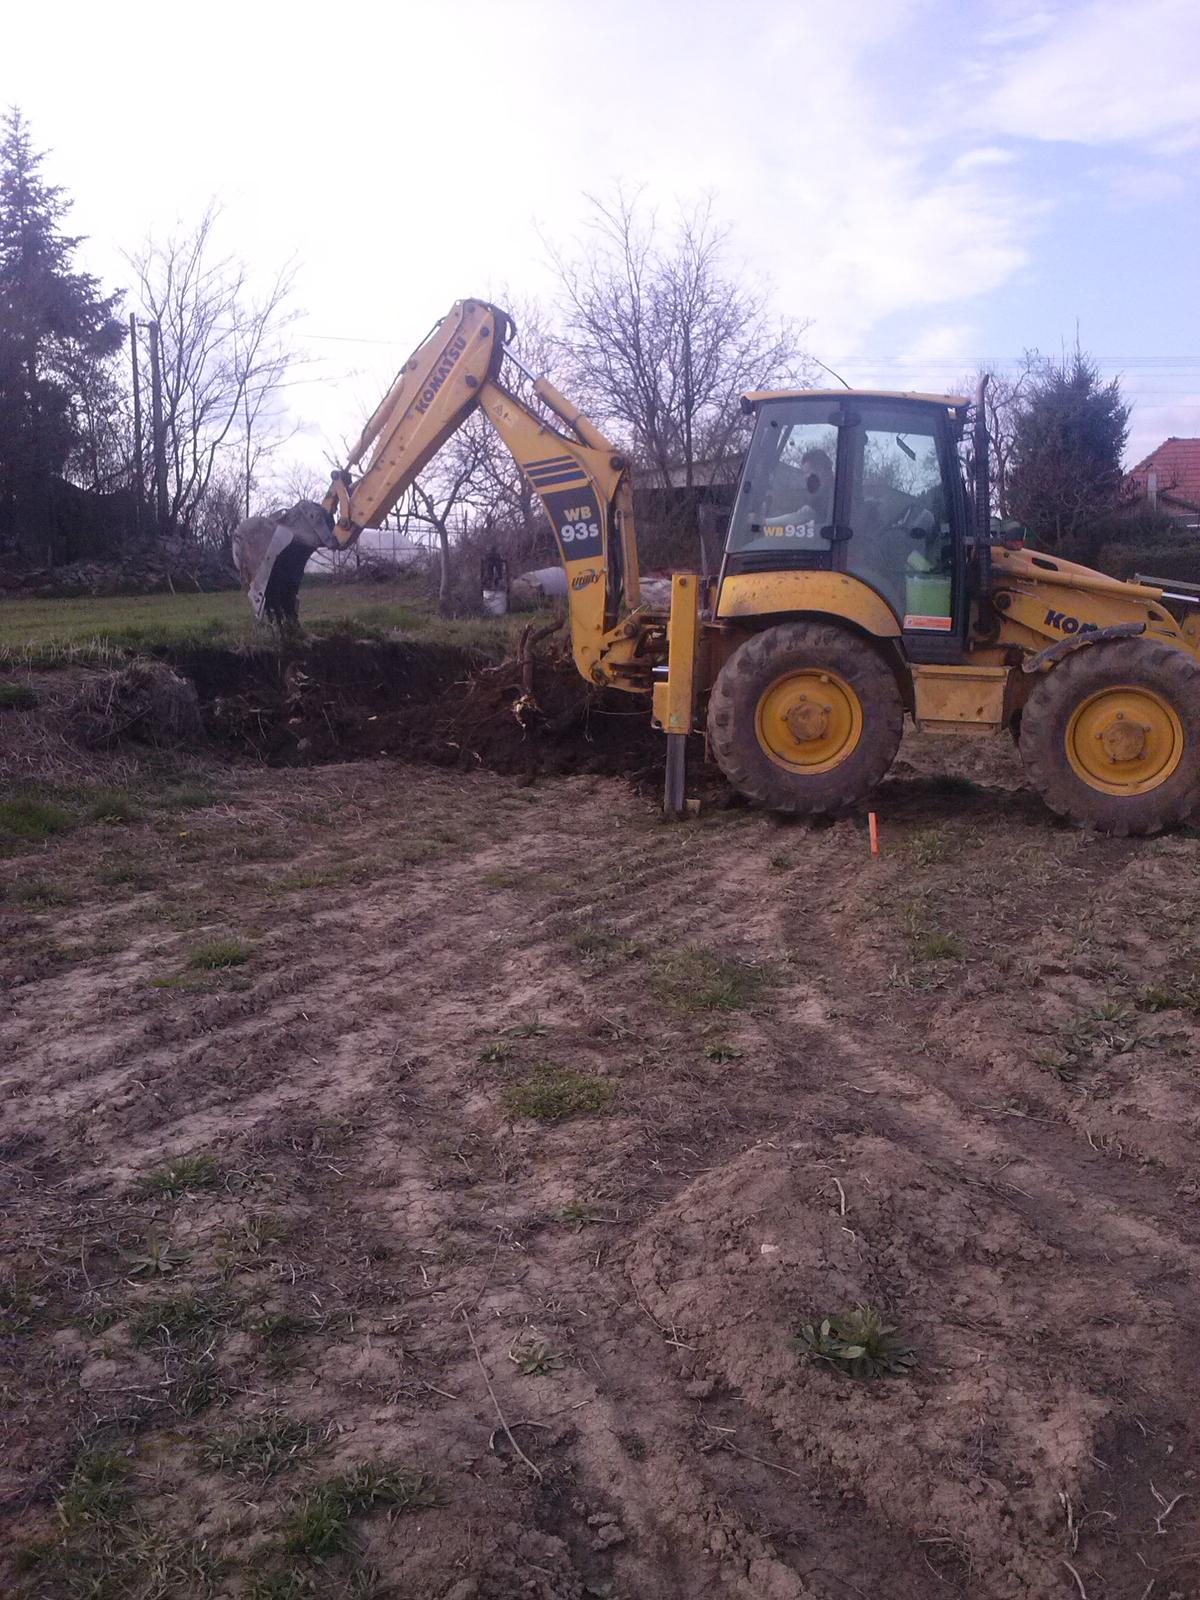 Vitajte u mňa :) - za 25 min vykopane korene po agačovej aleji